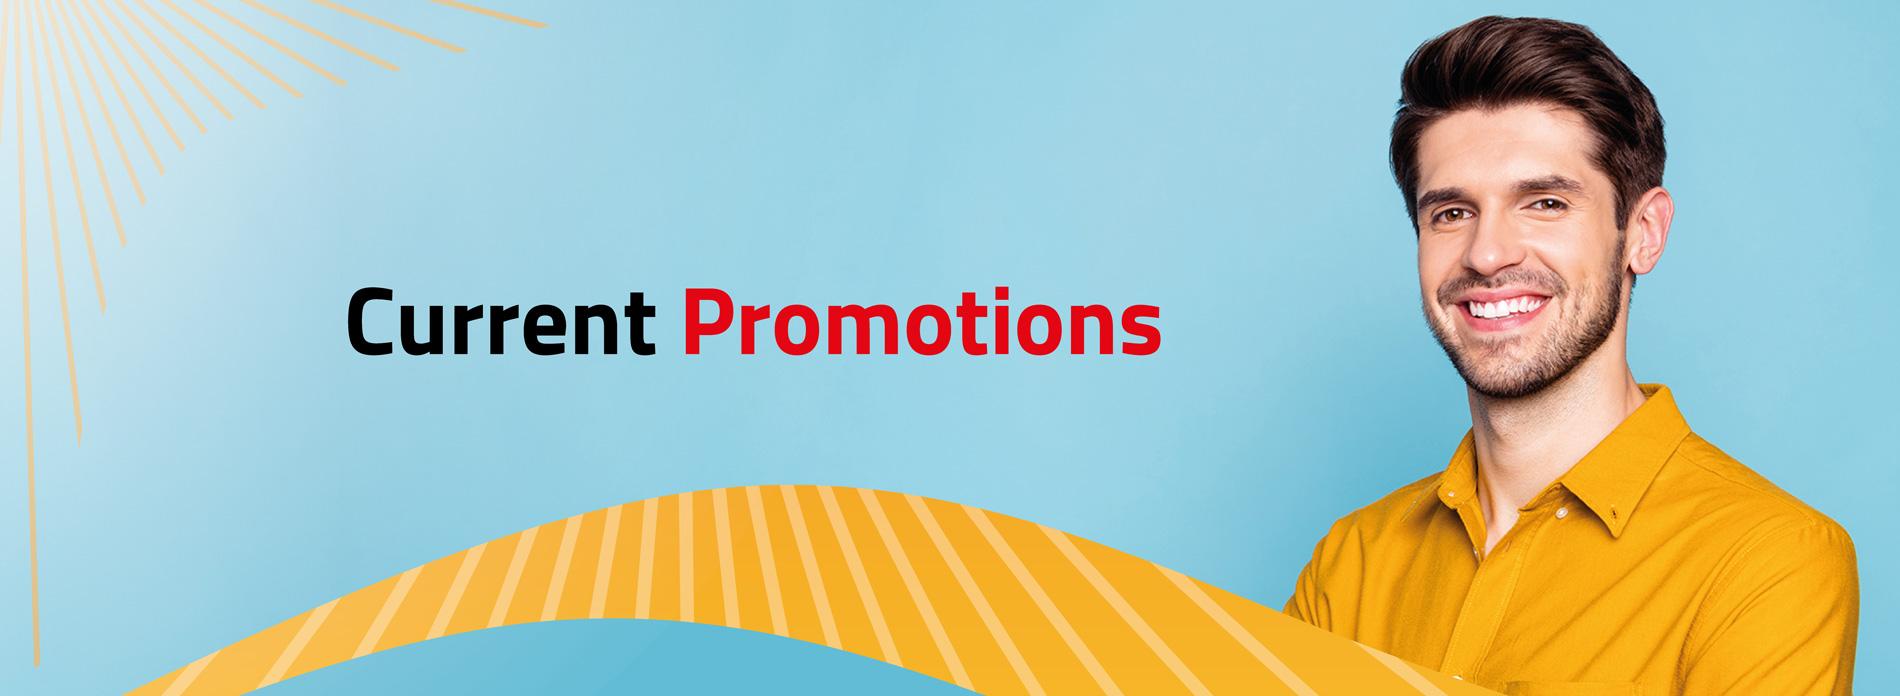 Promotions | Sharjah Media City (Shams)